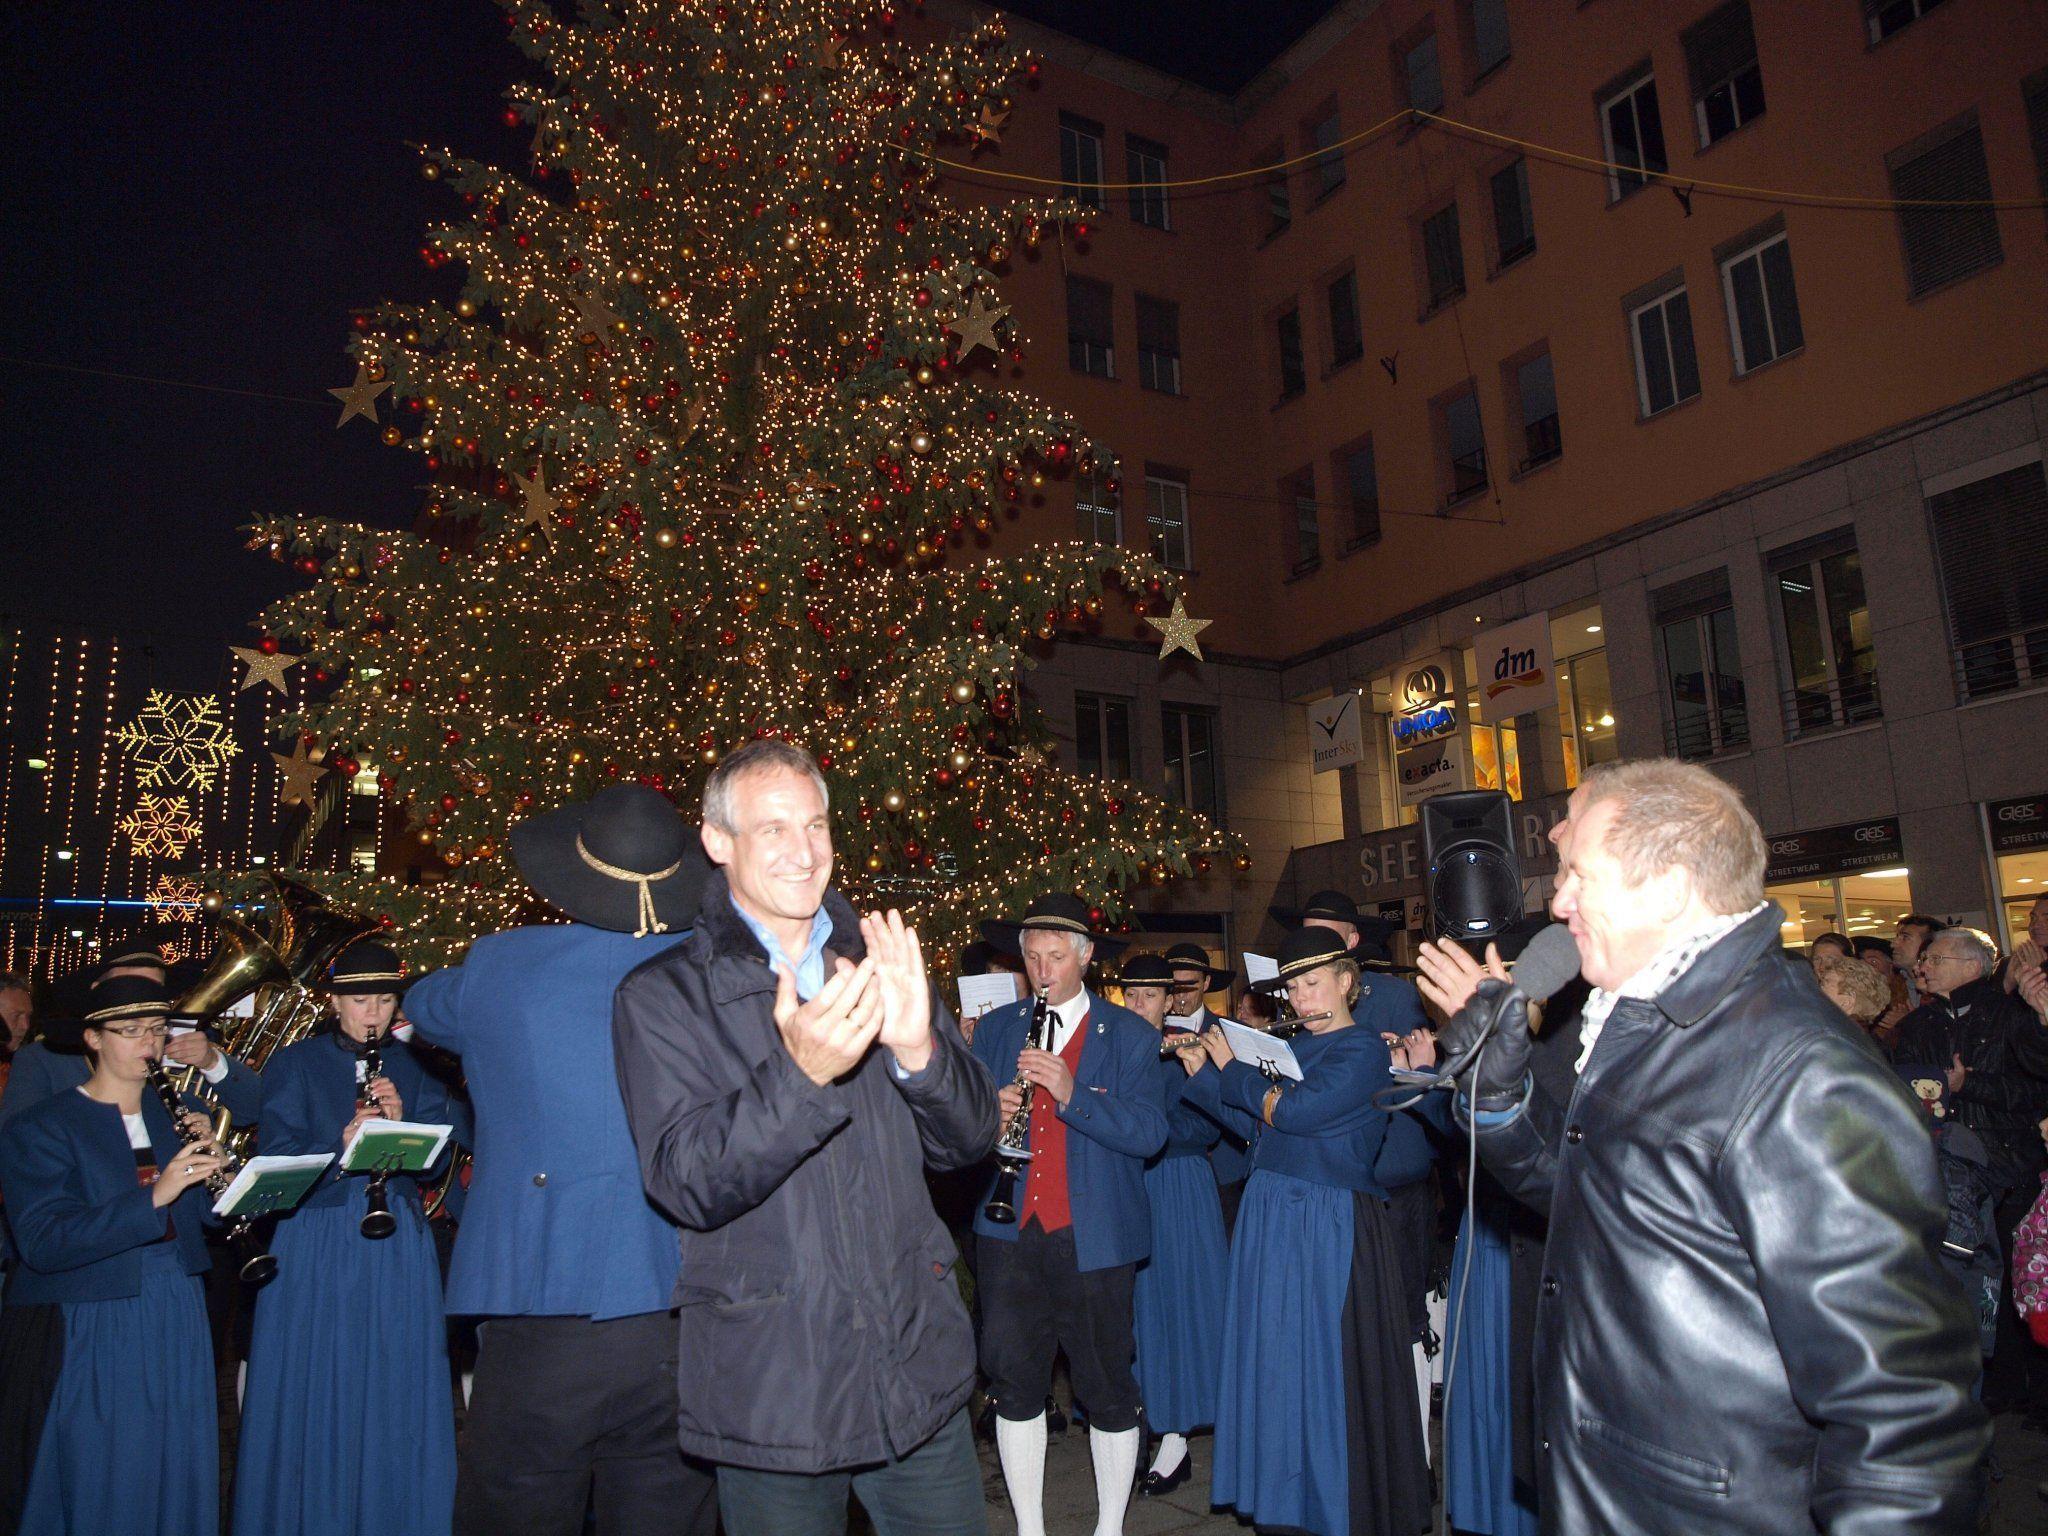 Bürgermeister Linhart eröffnete den Bregenzer Weihnachtszauber in der Innenstadt.